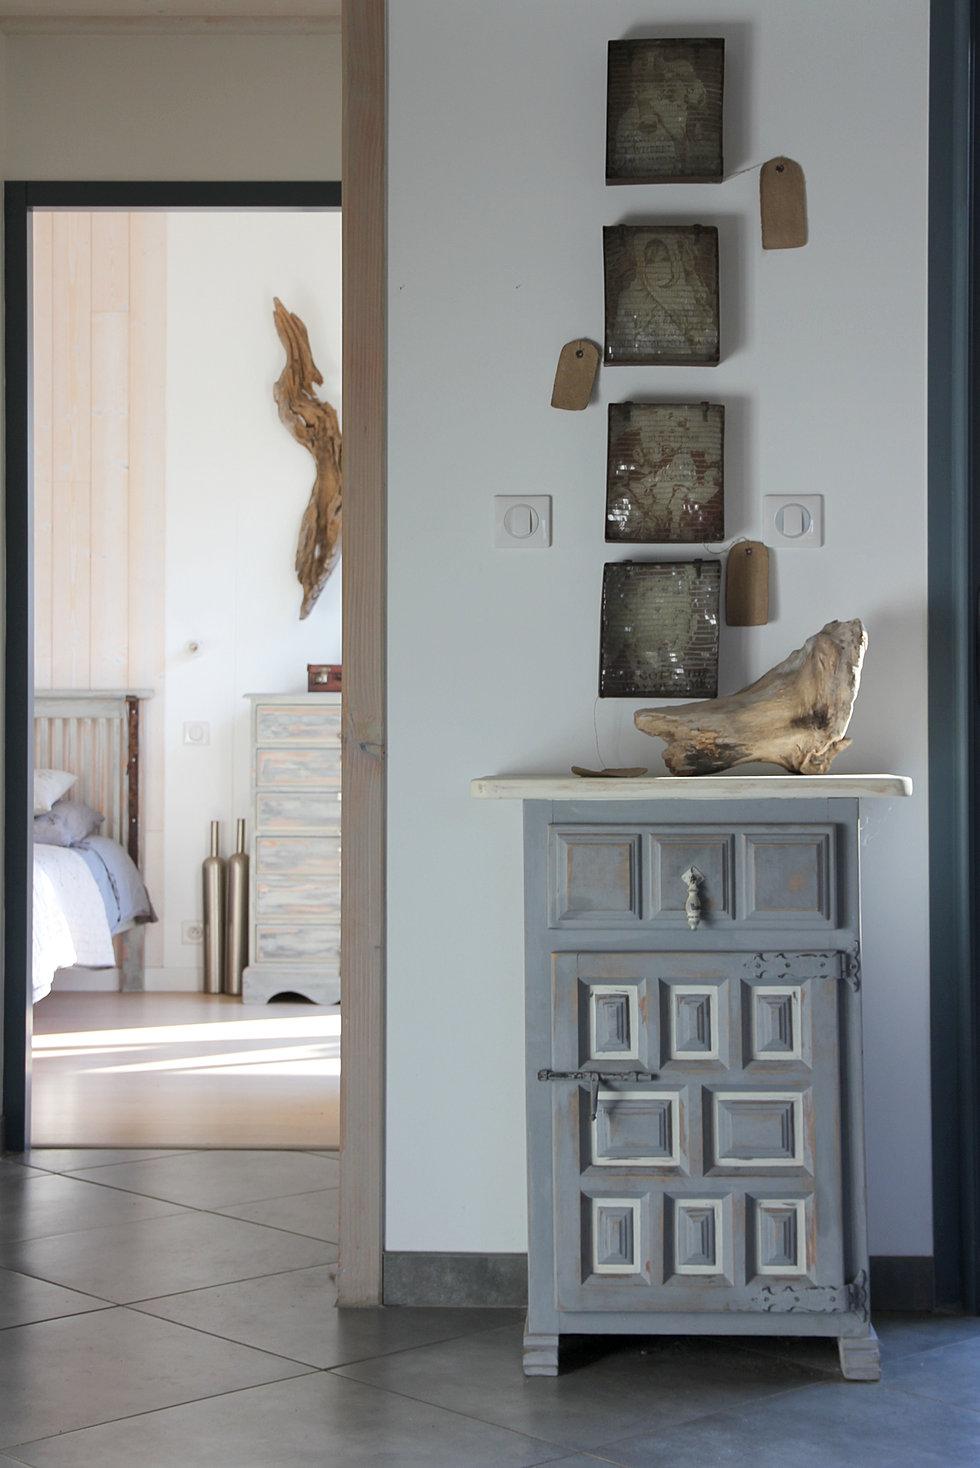 Design intérieur, homestaging, décoration, lege cap ferret ...